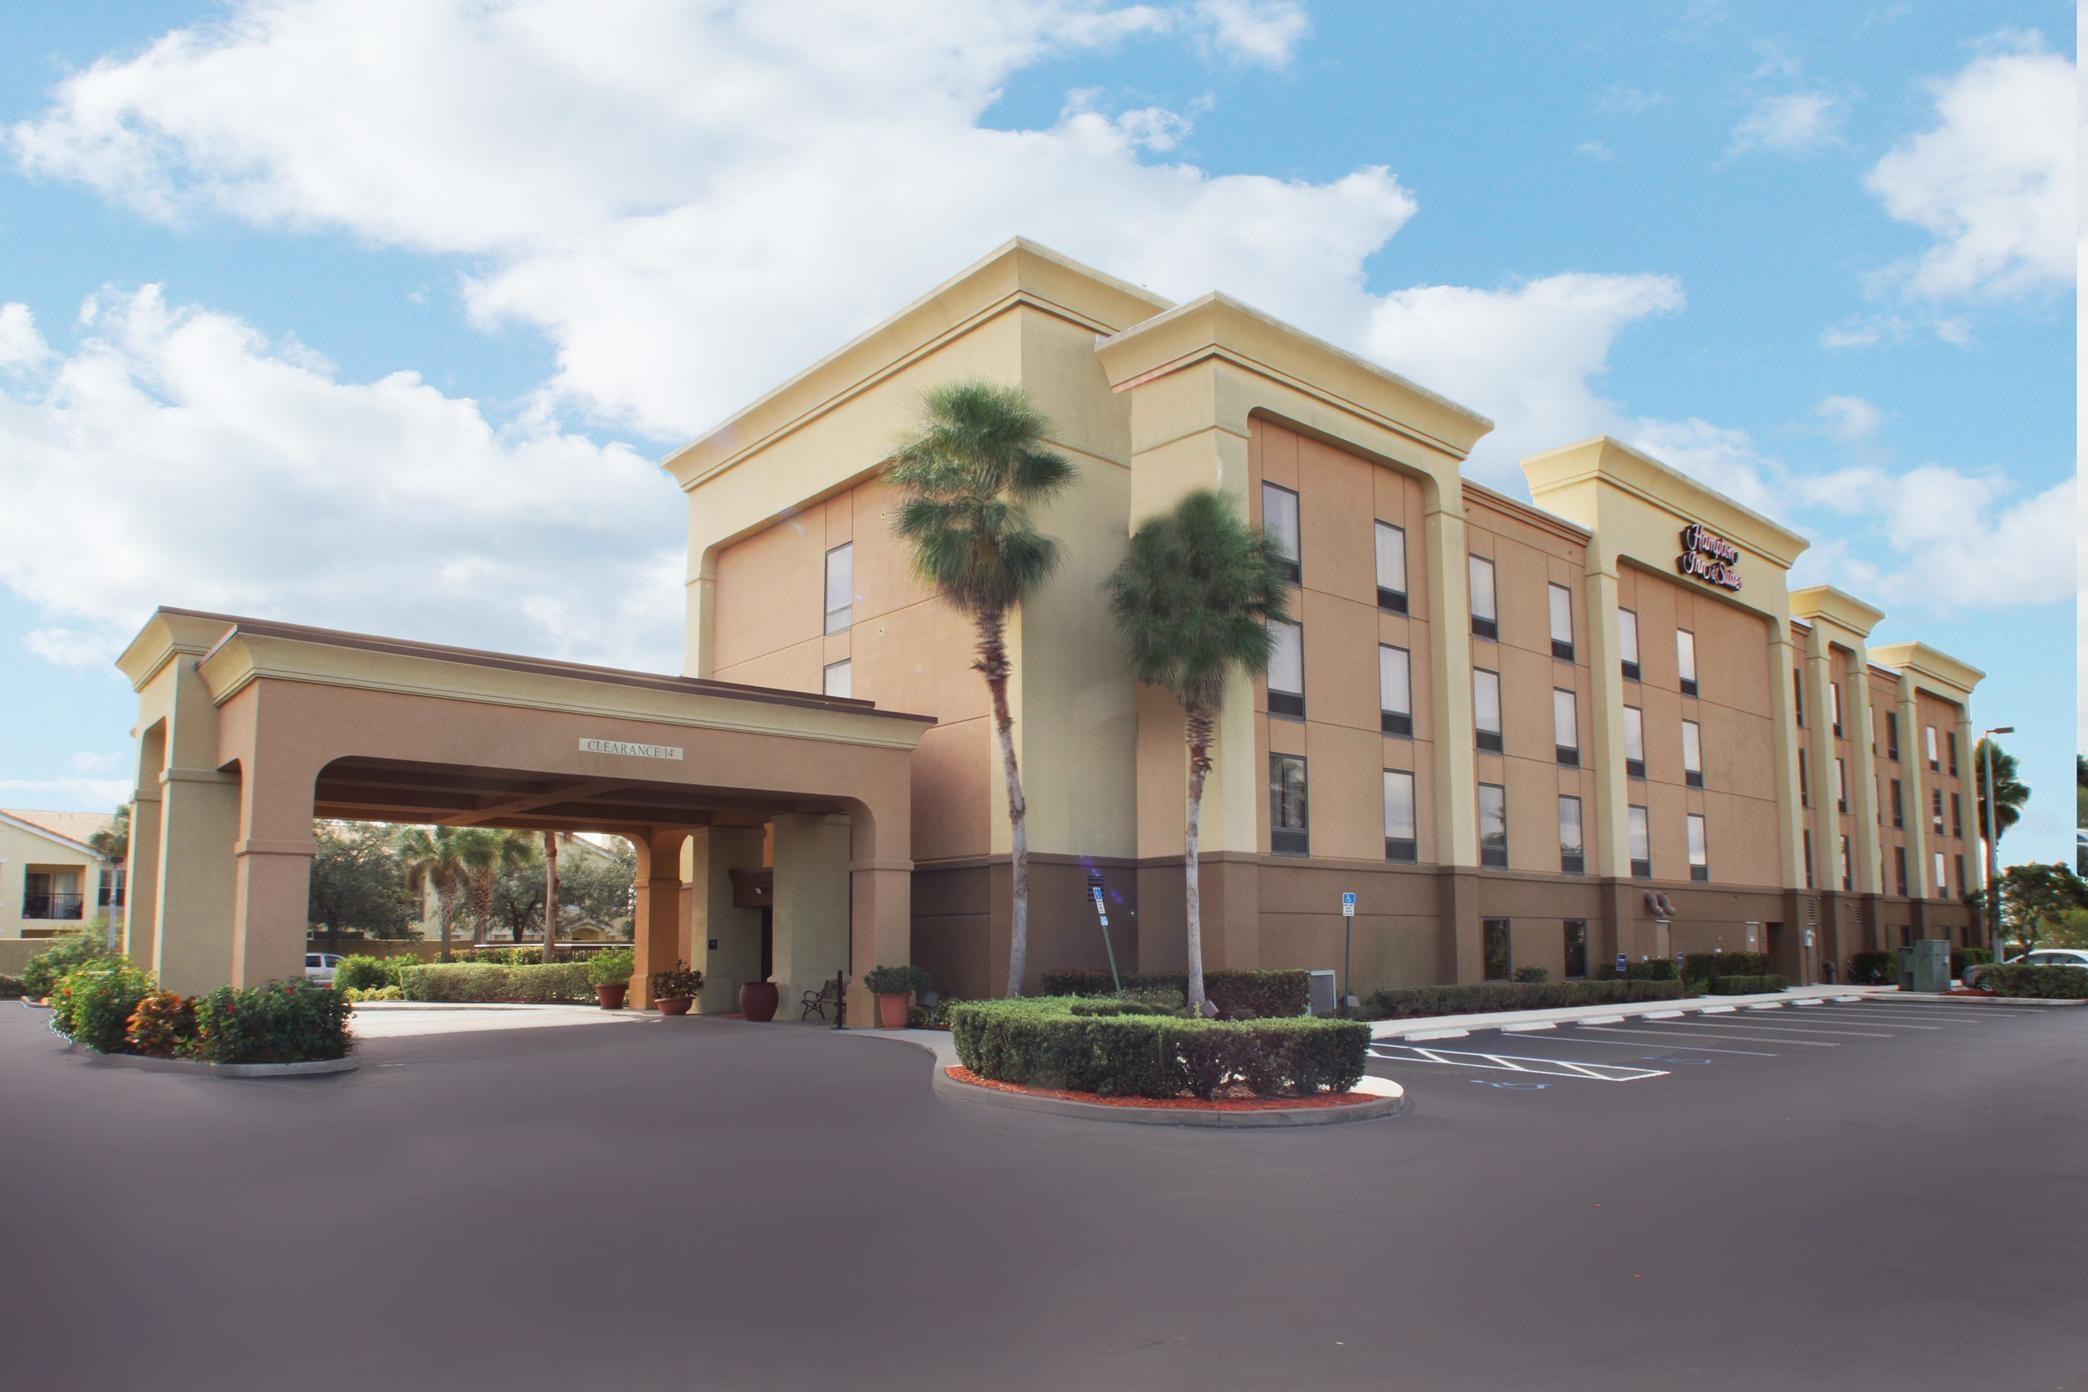 Hampton Inn & Suites Port St. Lucie, West image 0